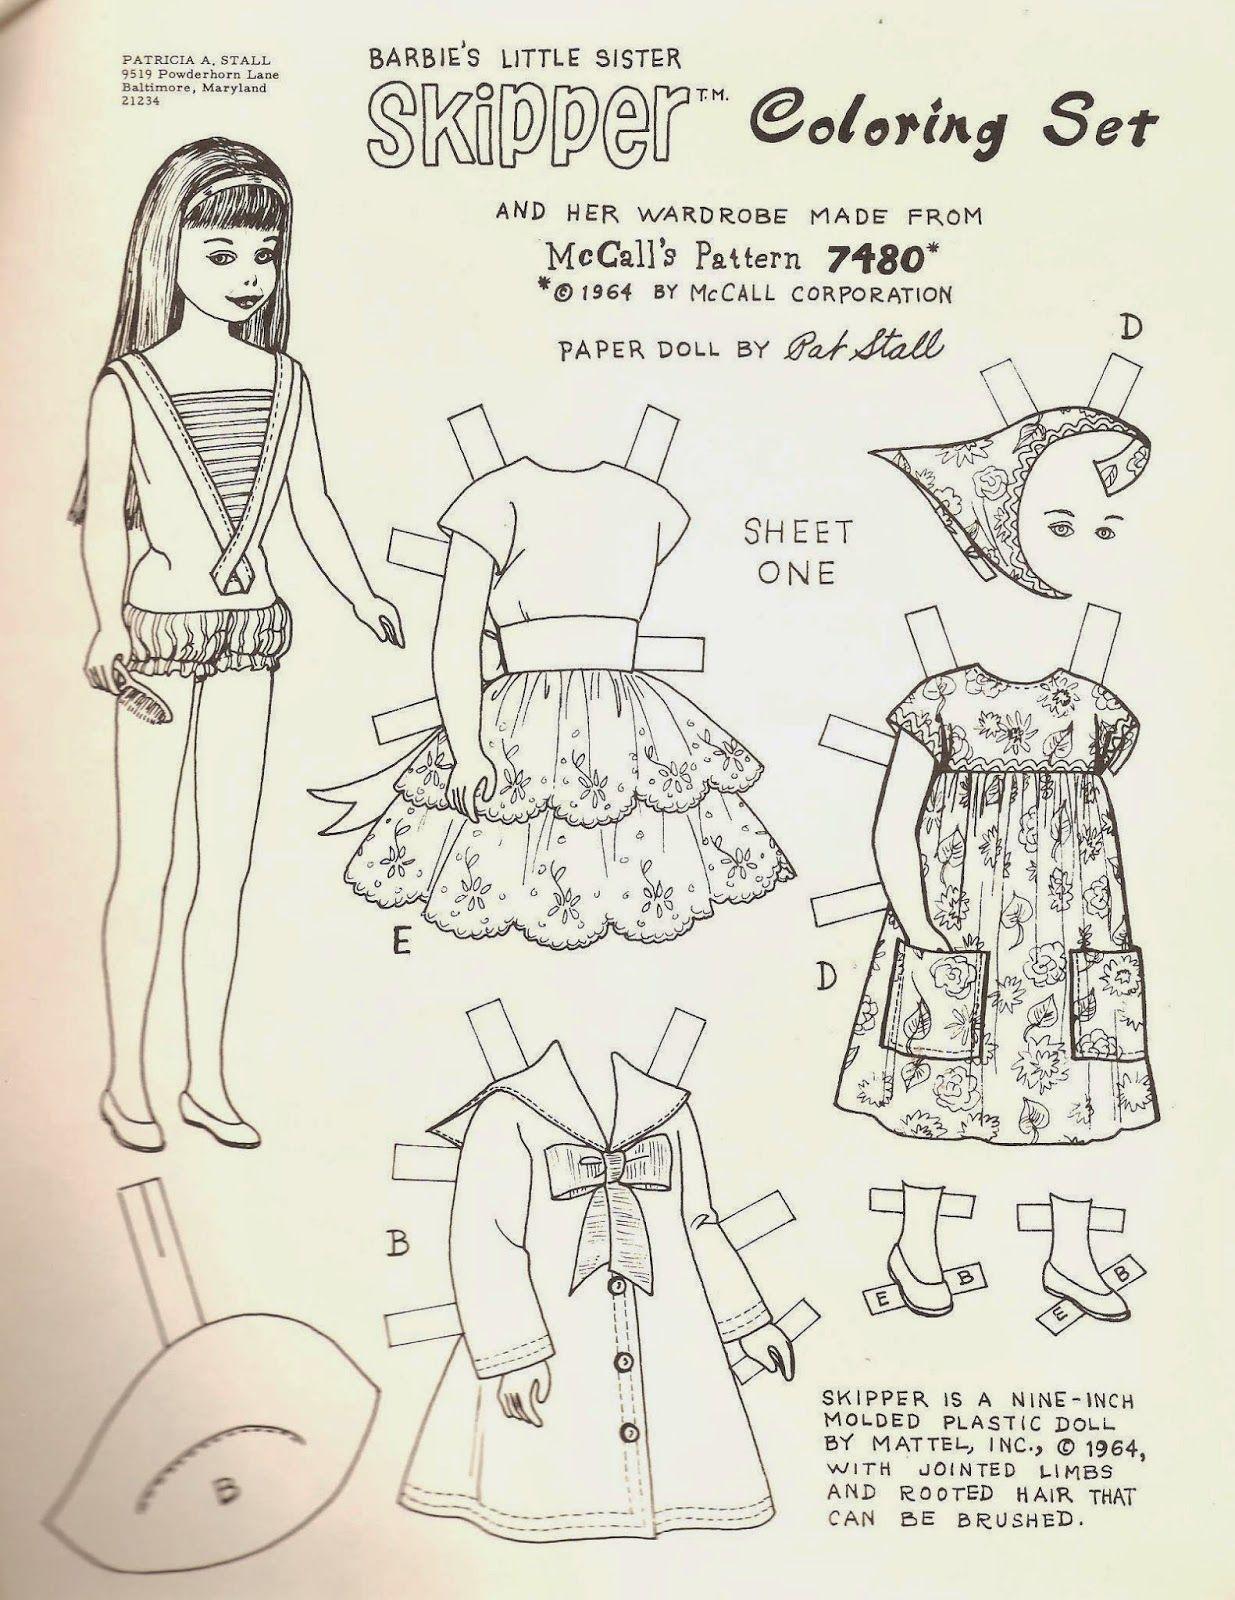 Barbie S Little Sister Skipper Coloring Set